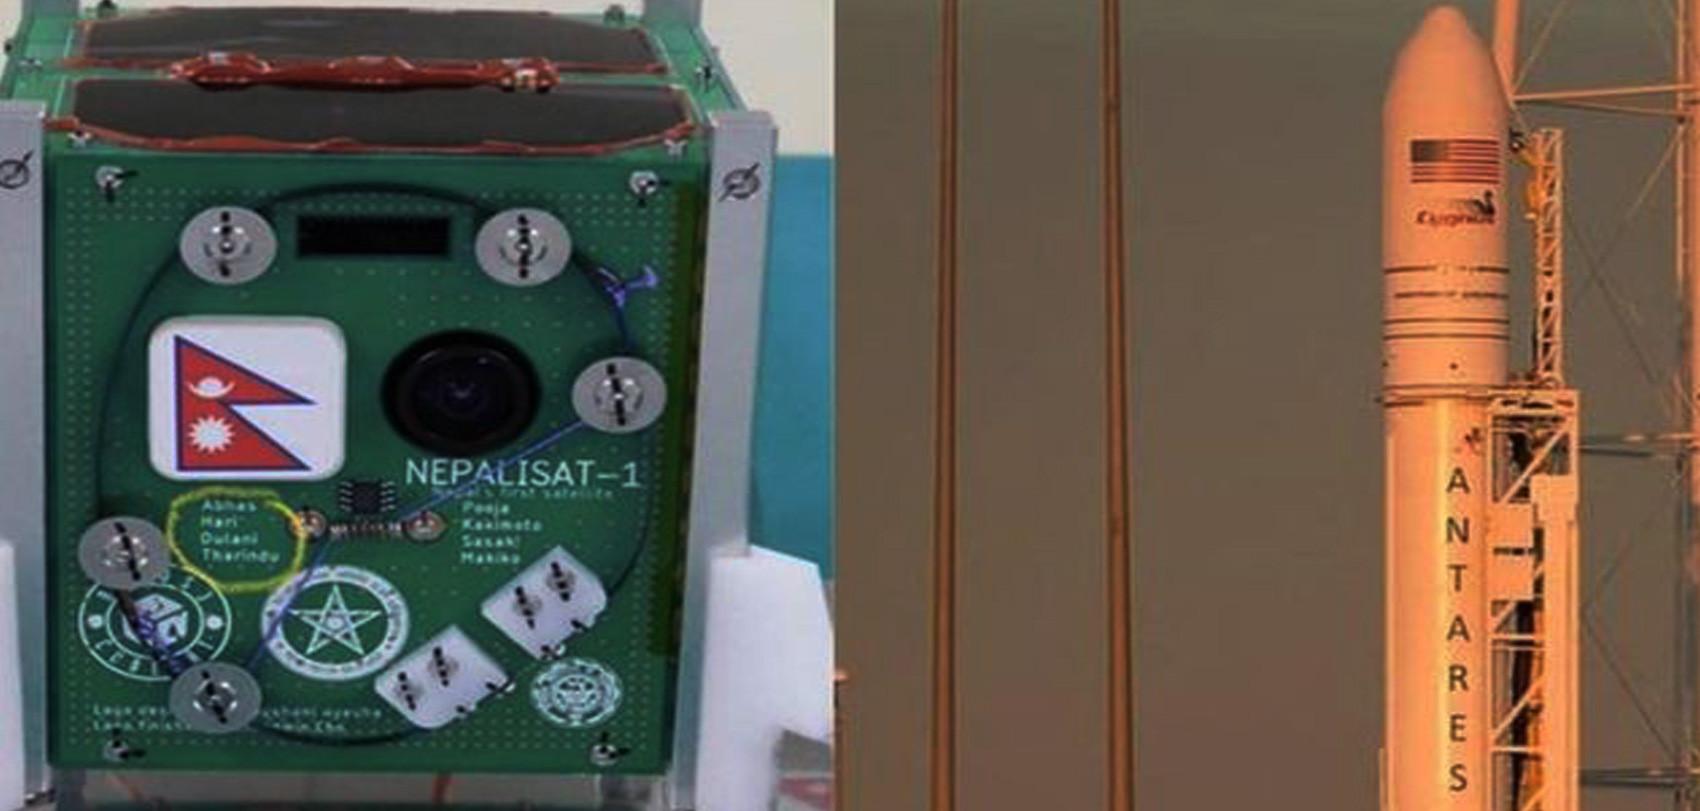 अन्तरिक्ष कक्षमा पुग्यो नेपाली भूउपग्रह